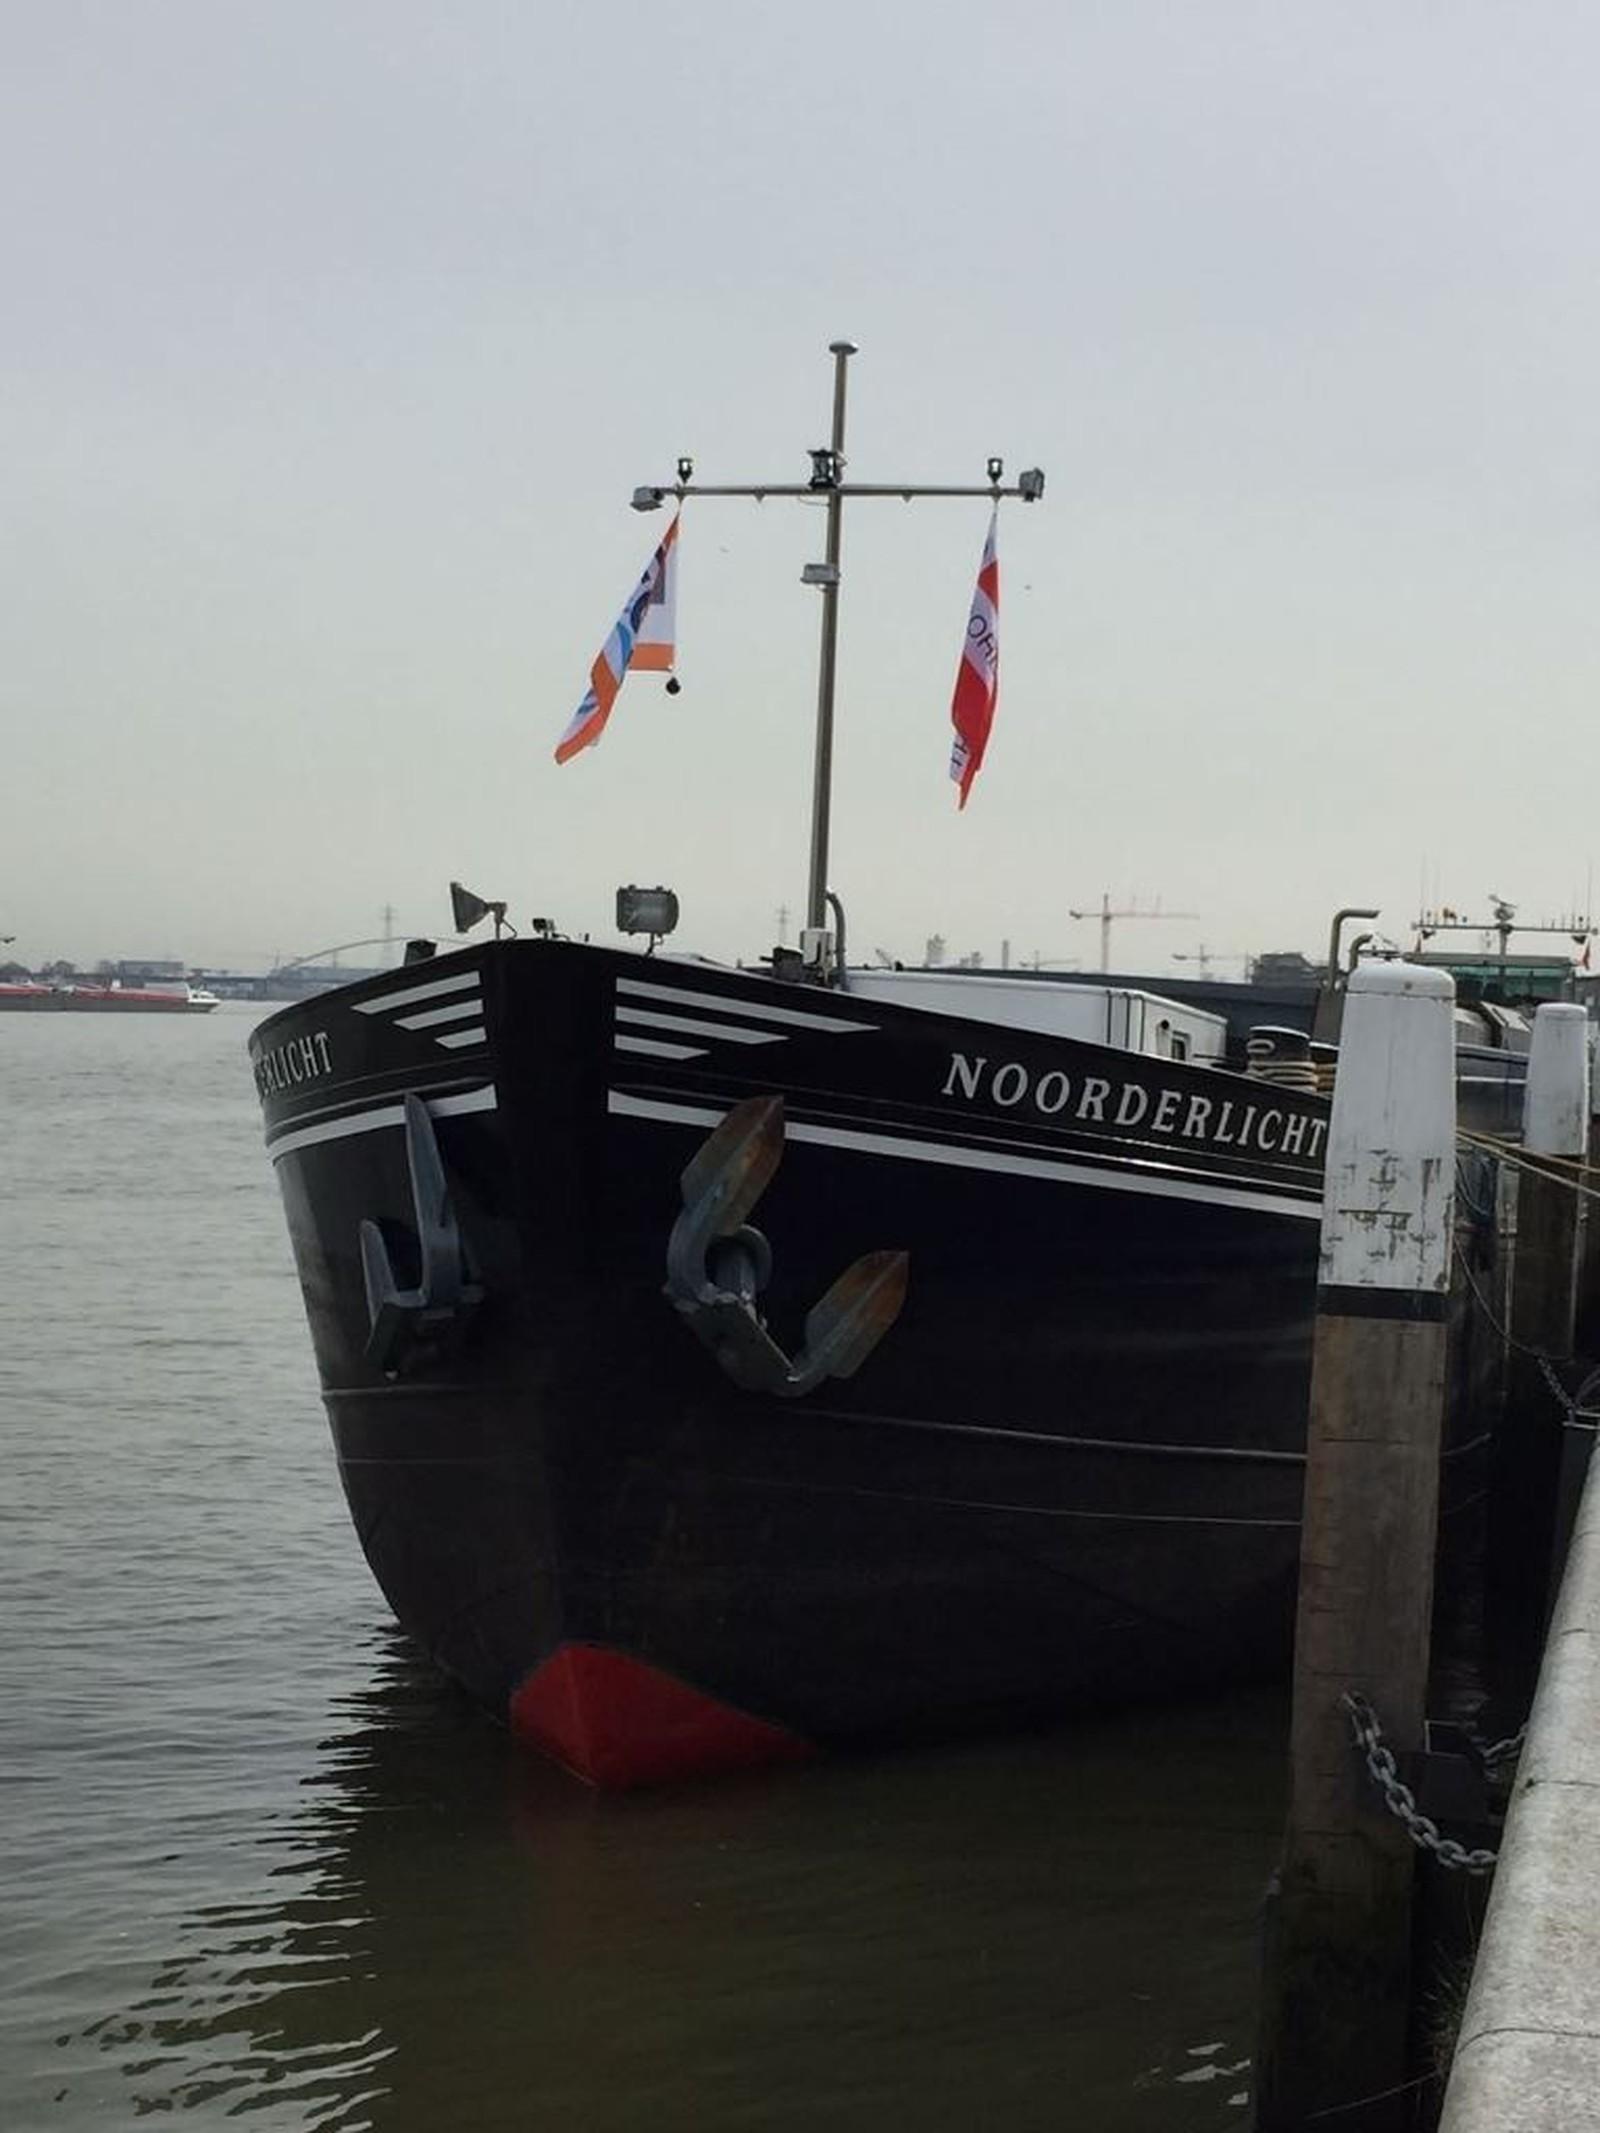 Noorderlicht Concordia Group